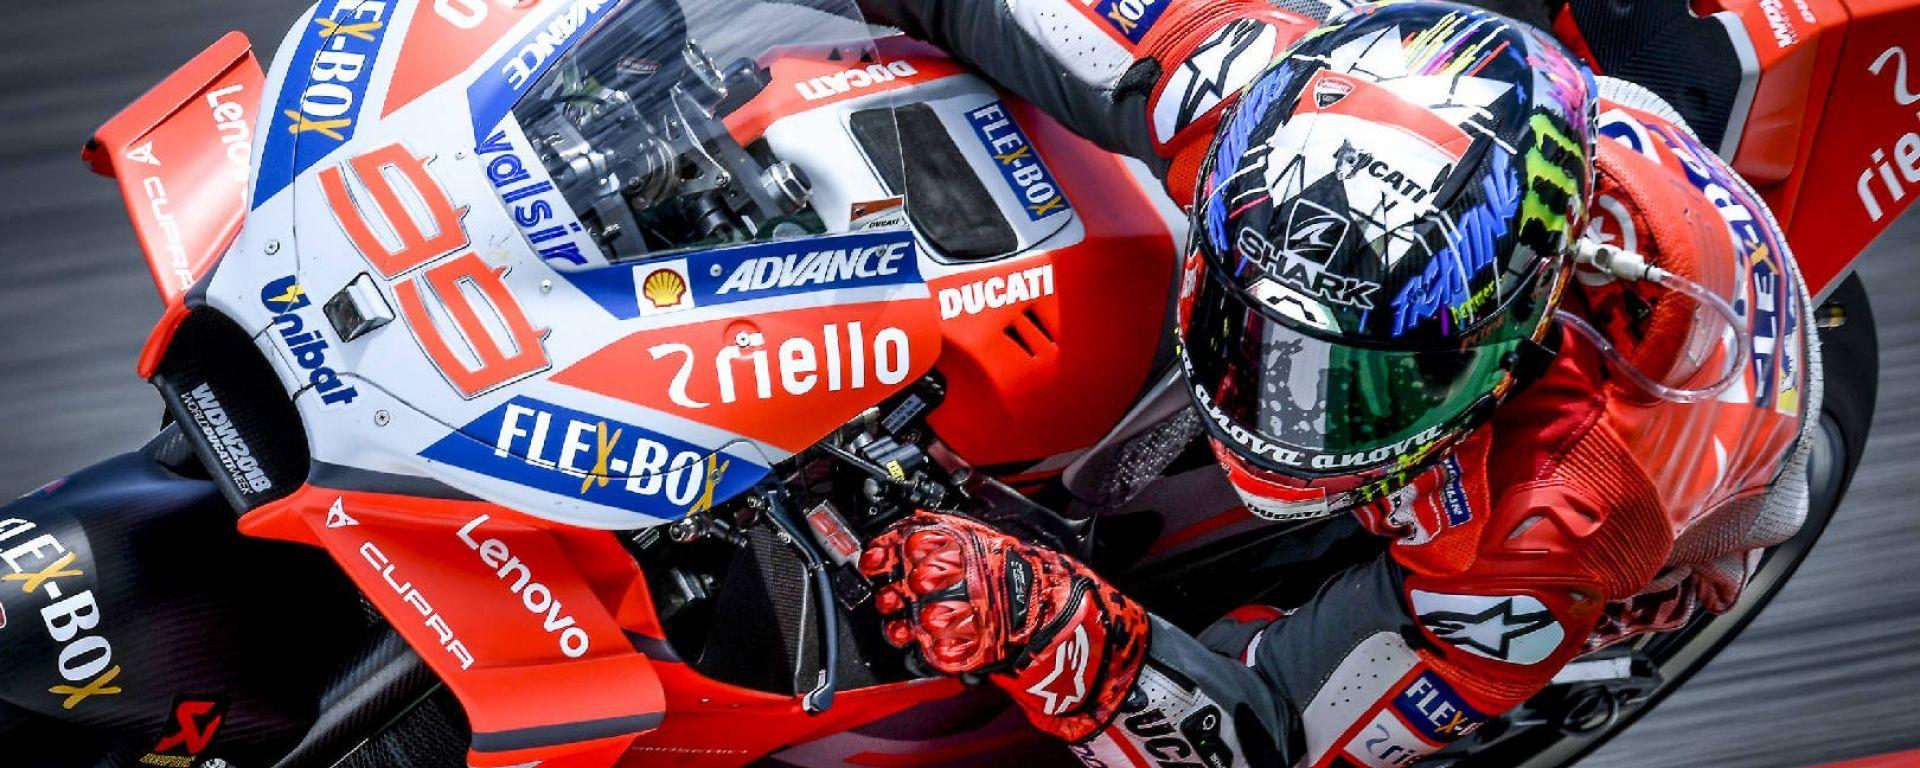 Motogp Barcellona 2018: Lorenzo centra la prima pole con Ducati